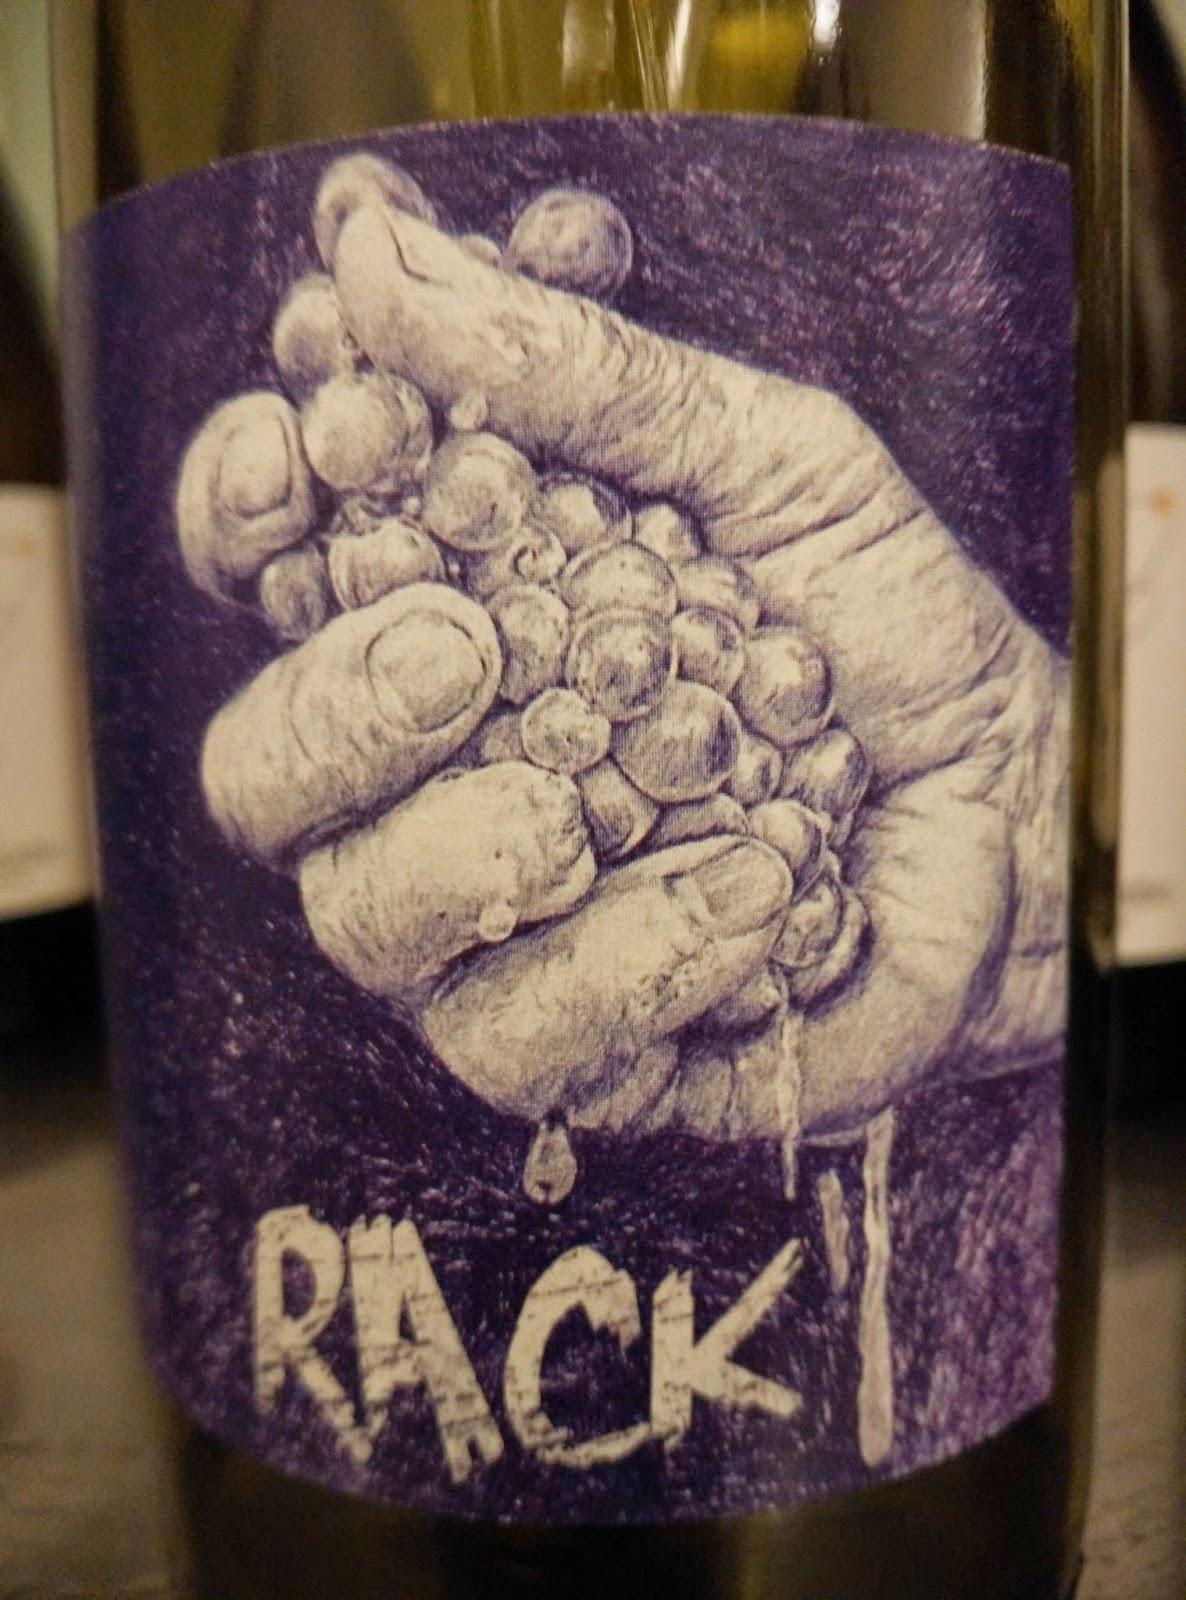 Rack, un vino de Ismael Gozalo raro y rico